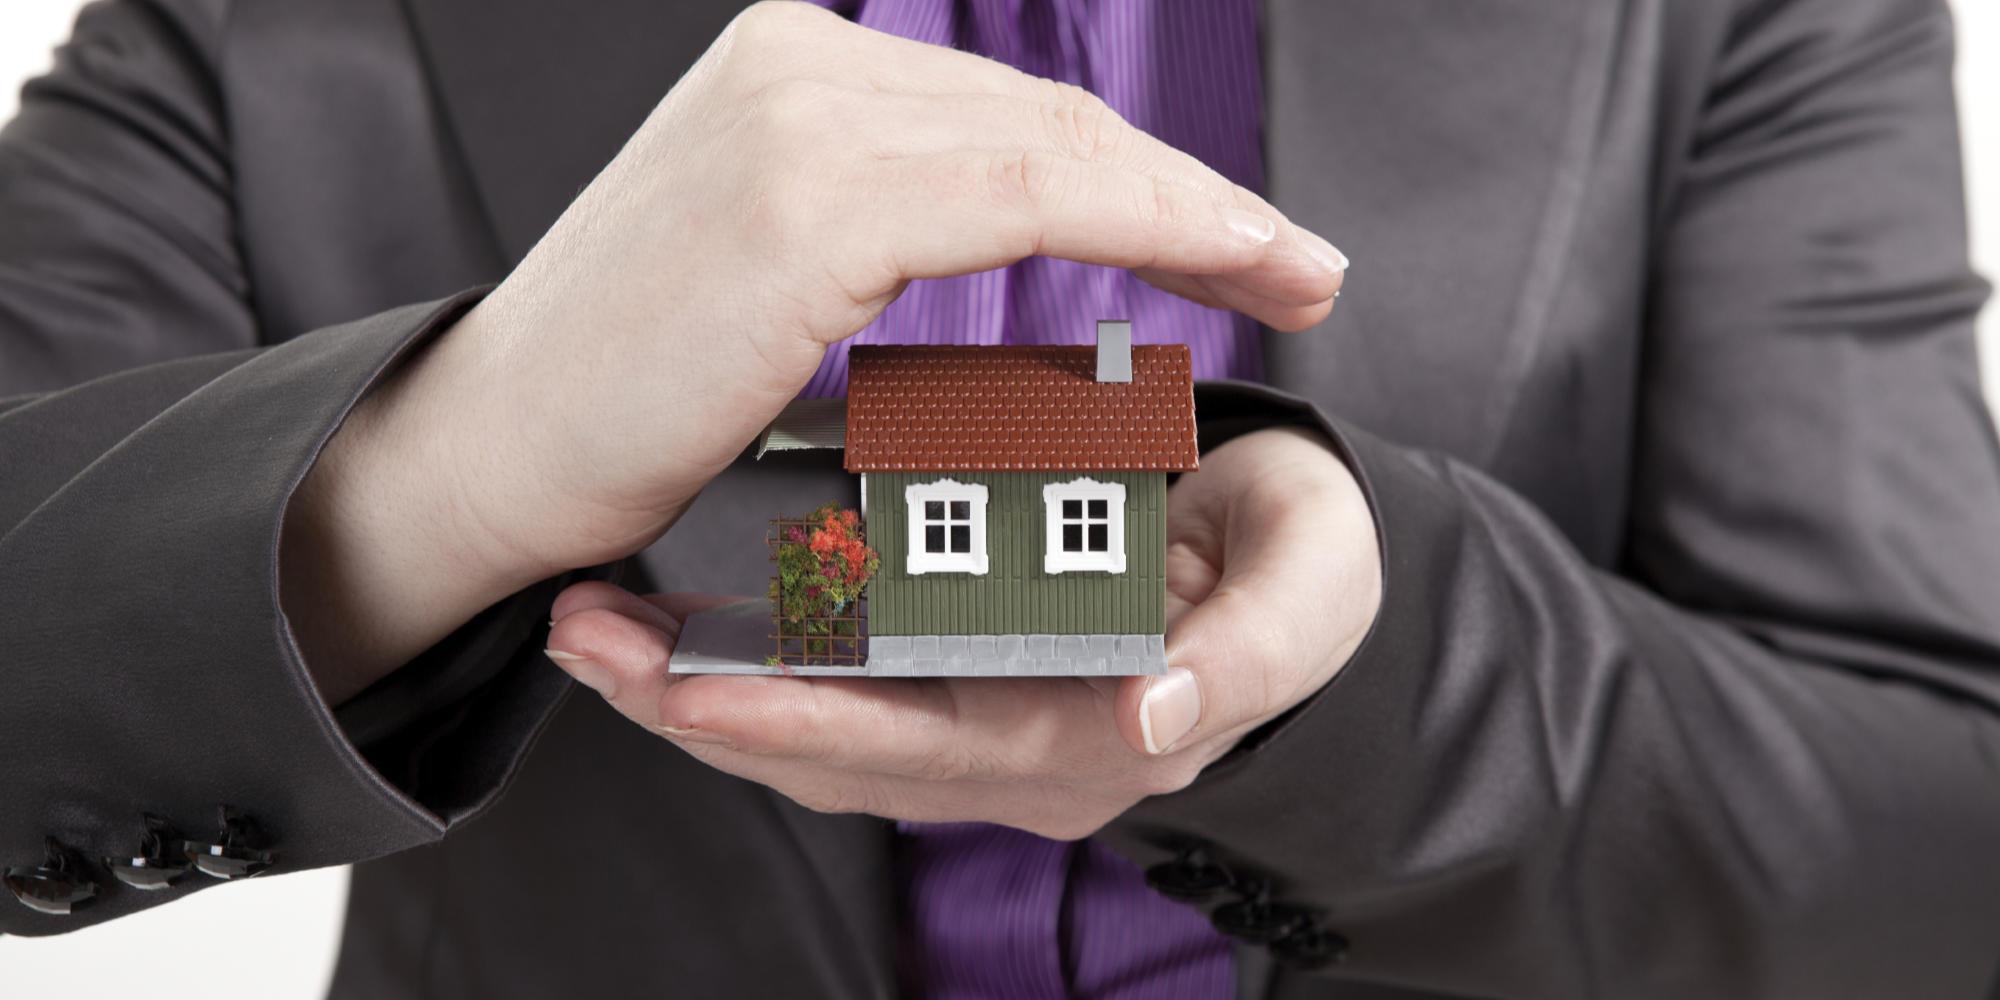 Comment sécuriser sa maison avec une alarme